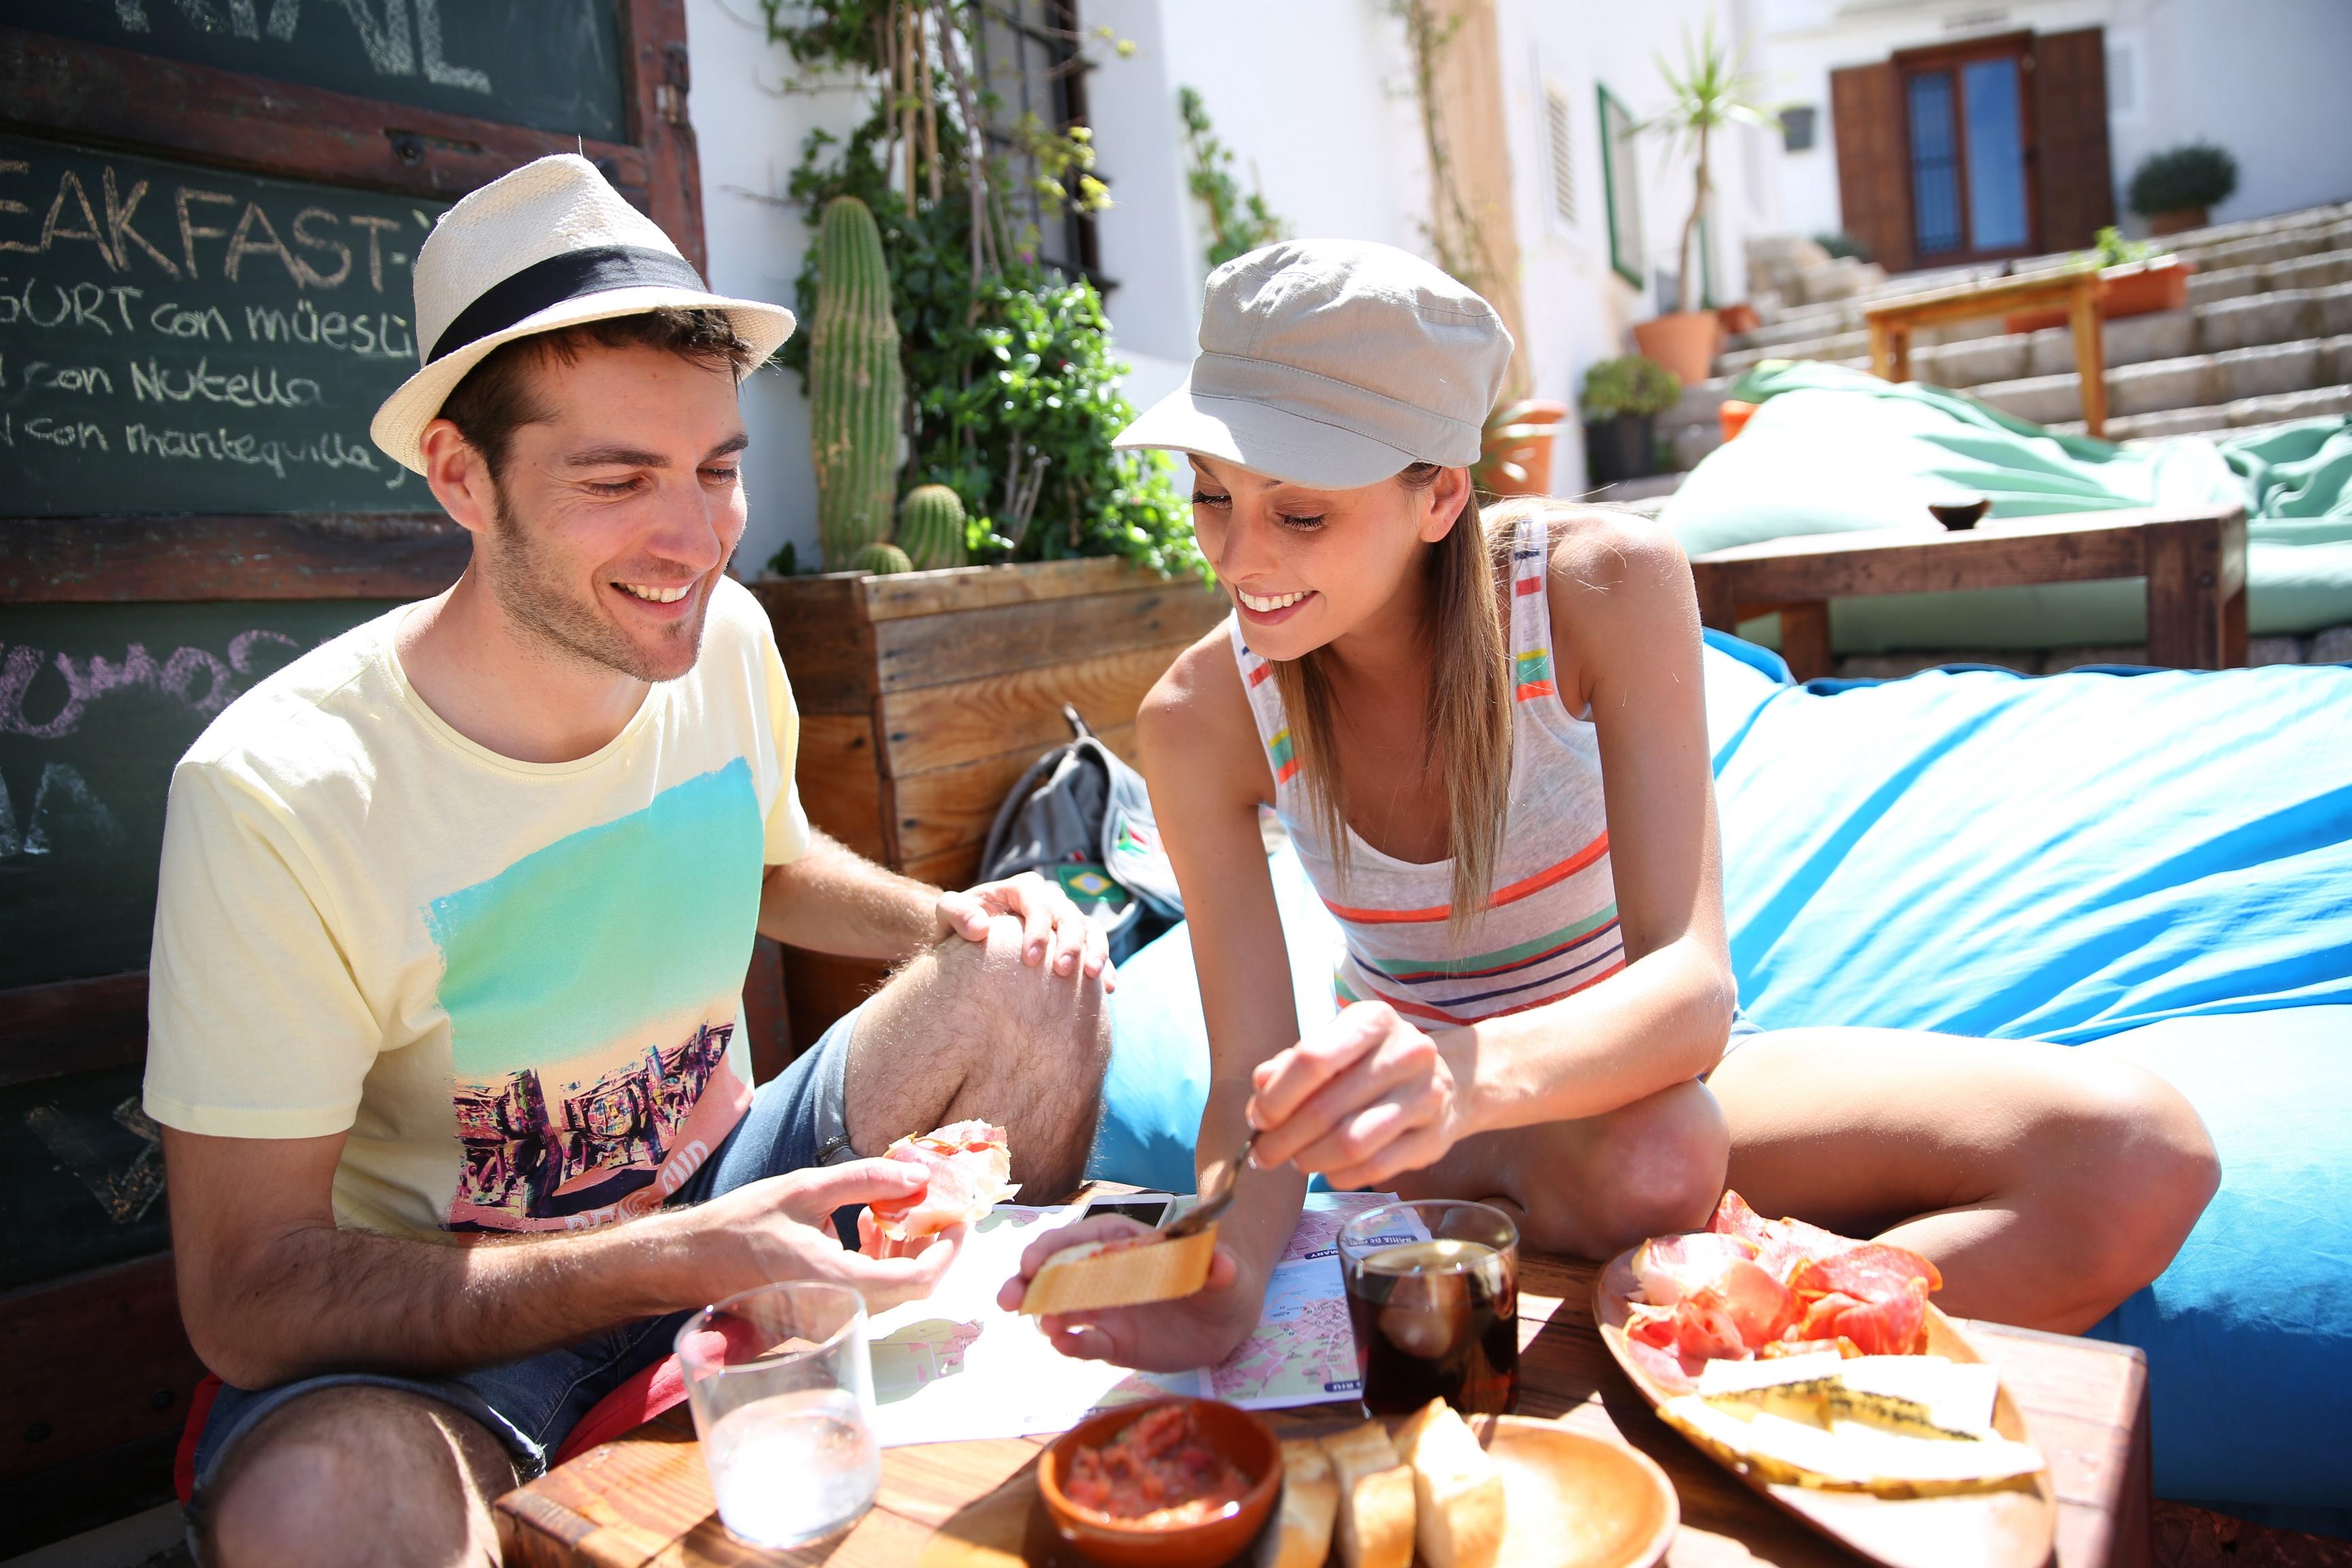 pareja disfrutando de una rica comida en restaurante